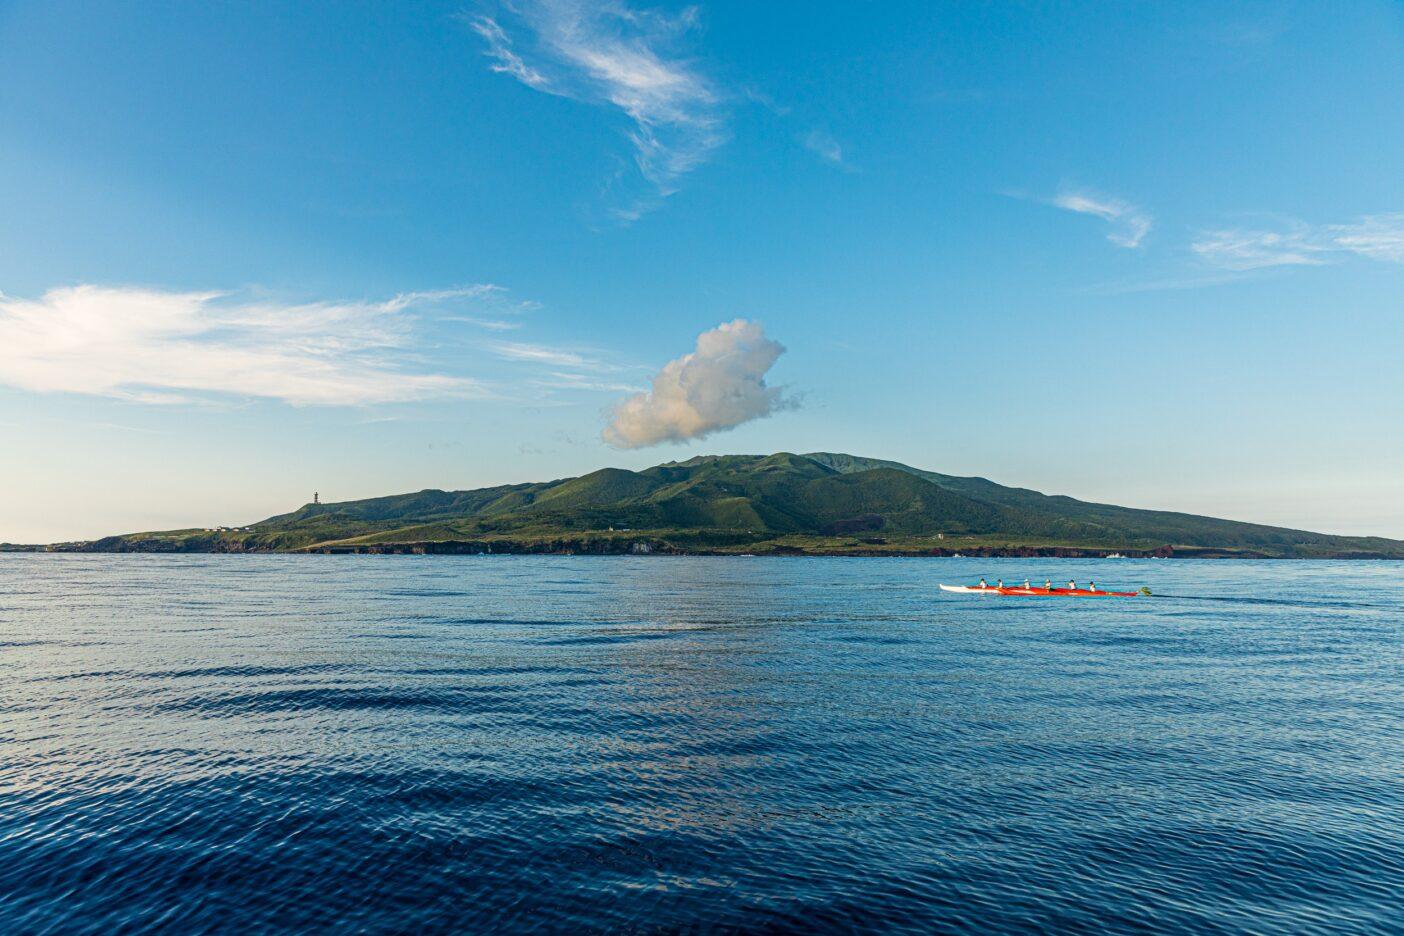 八丈島から漕ぐこと117.35km、13時間21分21秒をかけて三宅島へ。カヌーで昇り下りしたうねりの累積標高差は3019m。Photo:Sayoko Suzuki